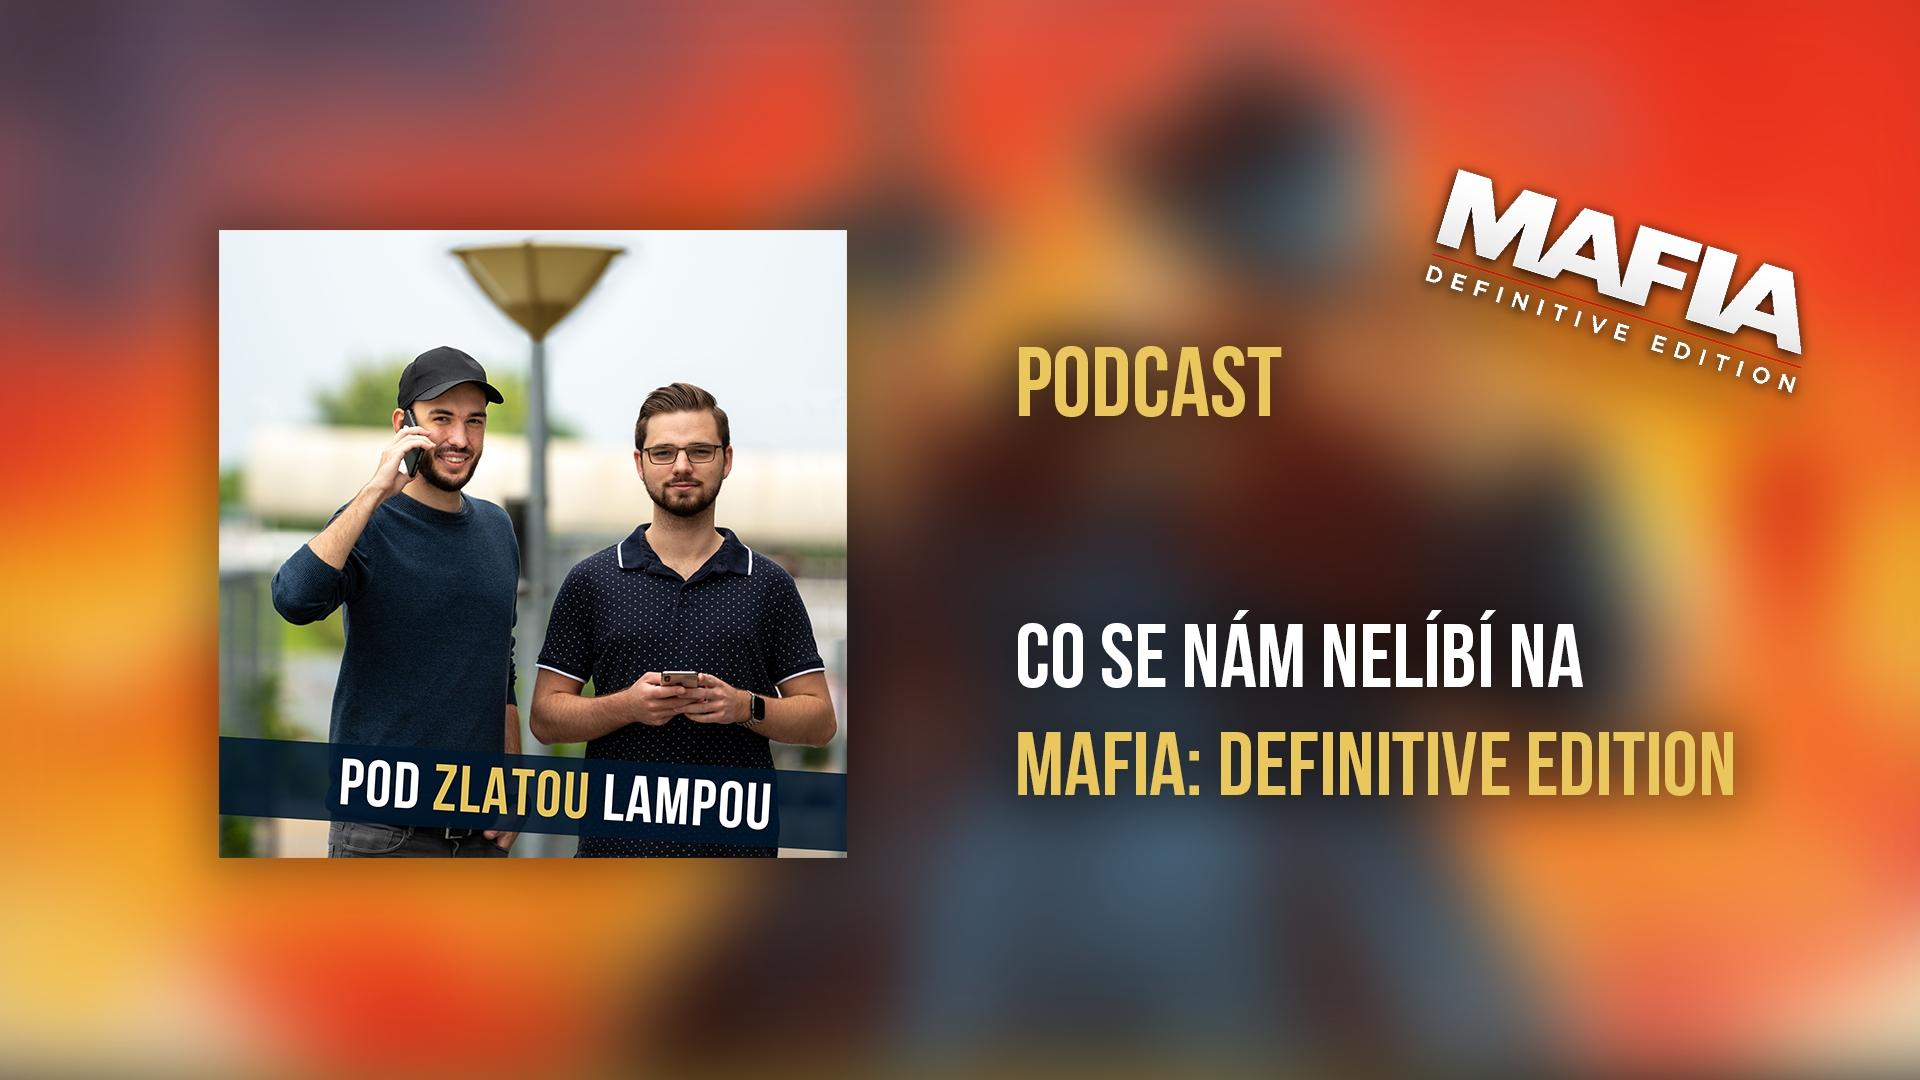 Co se nám nelíbí na Mafia: Definitive Edition – podcast #17